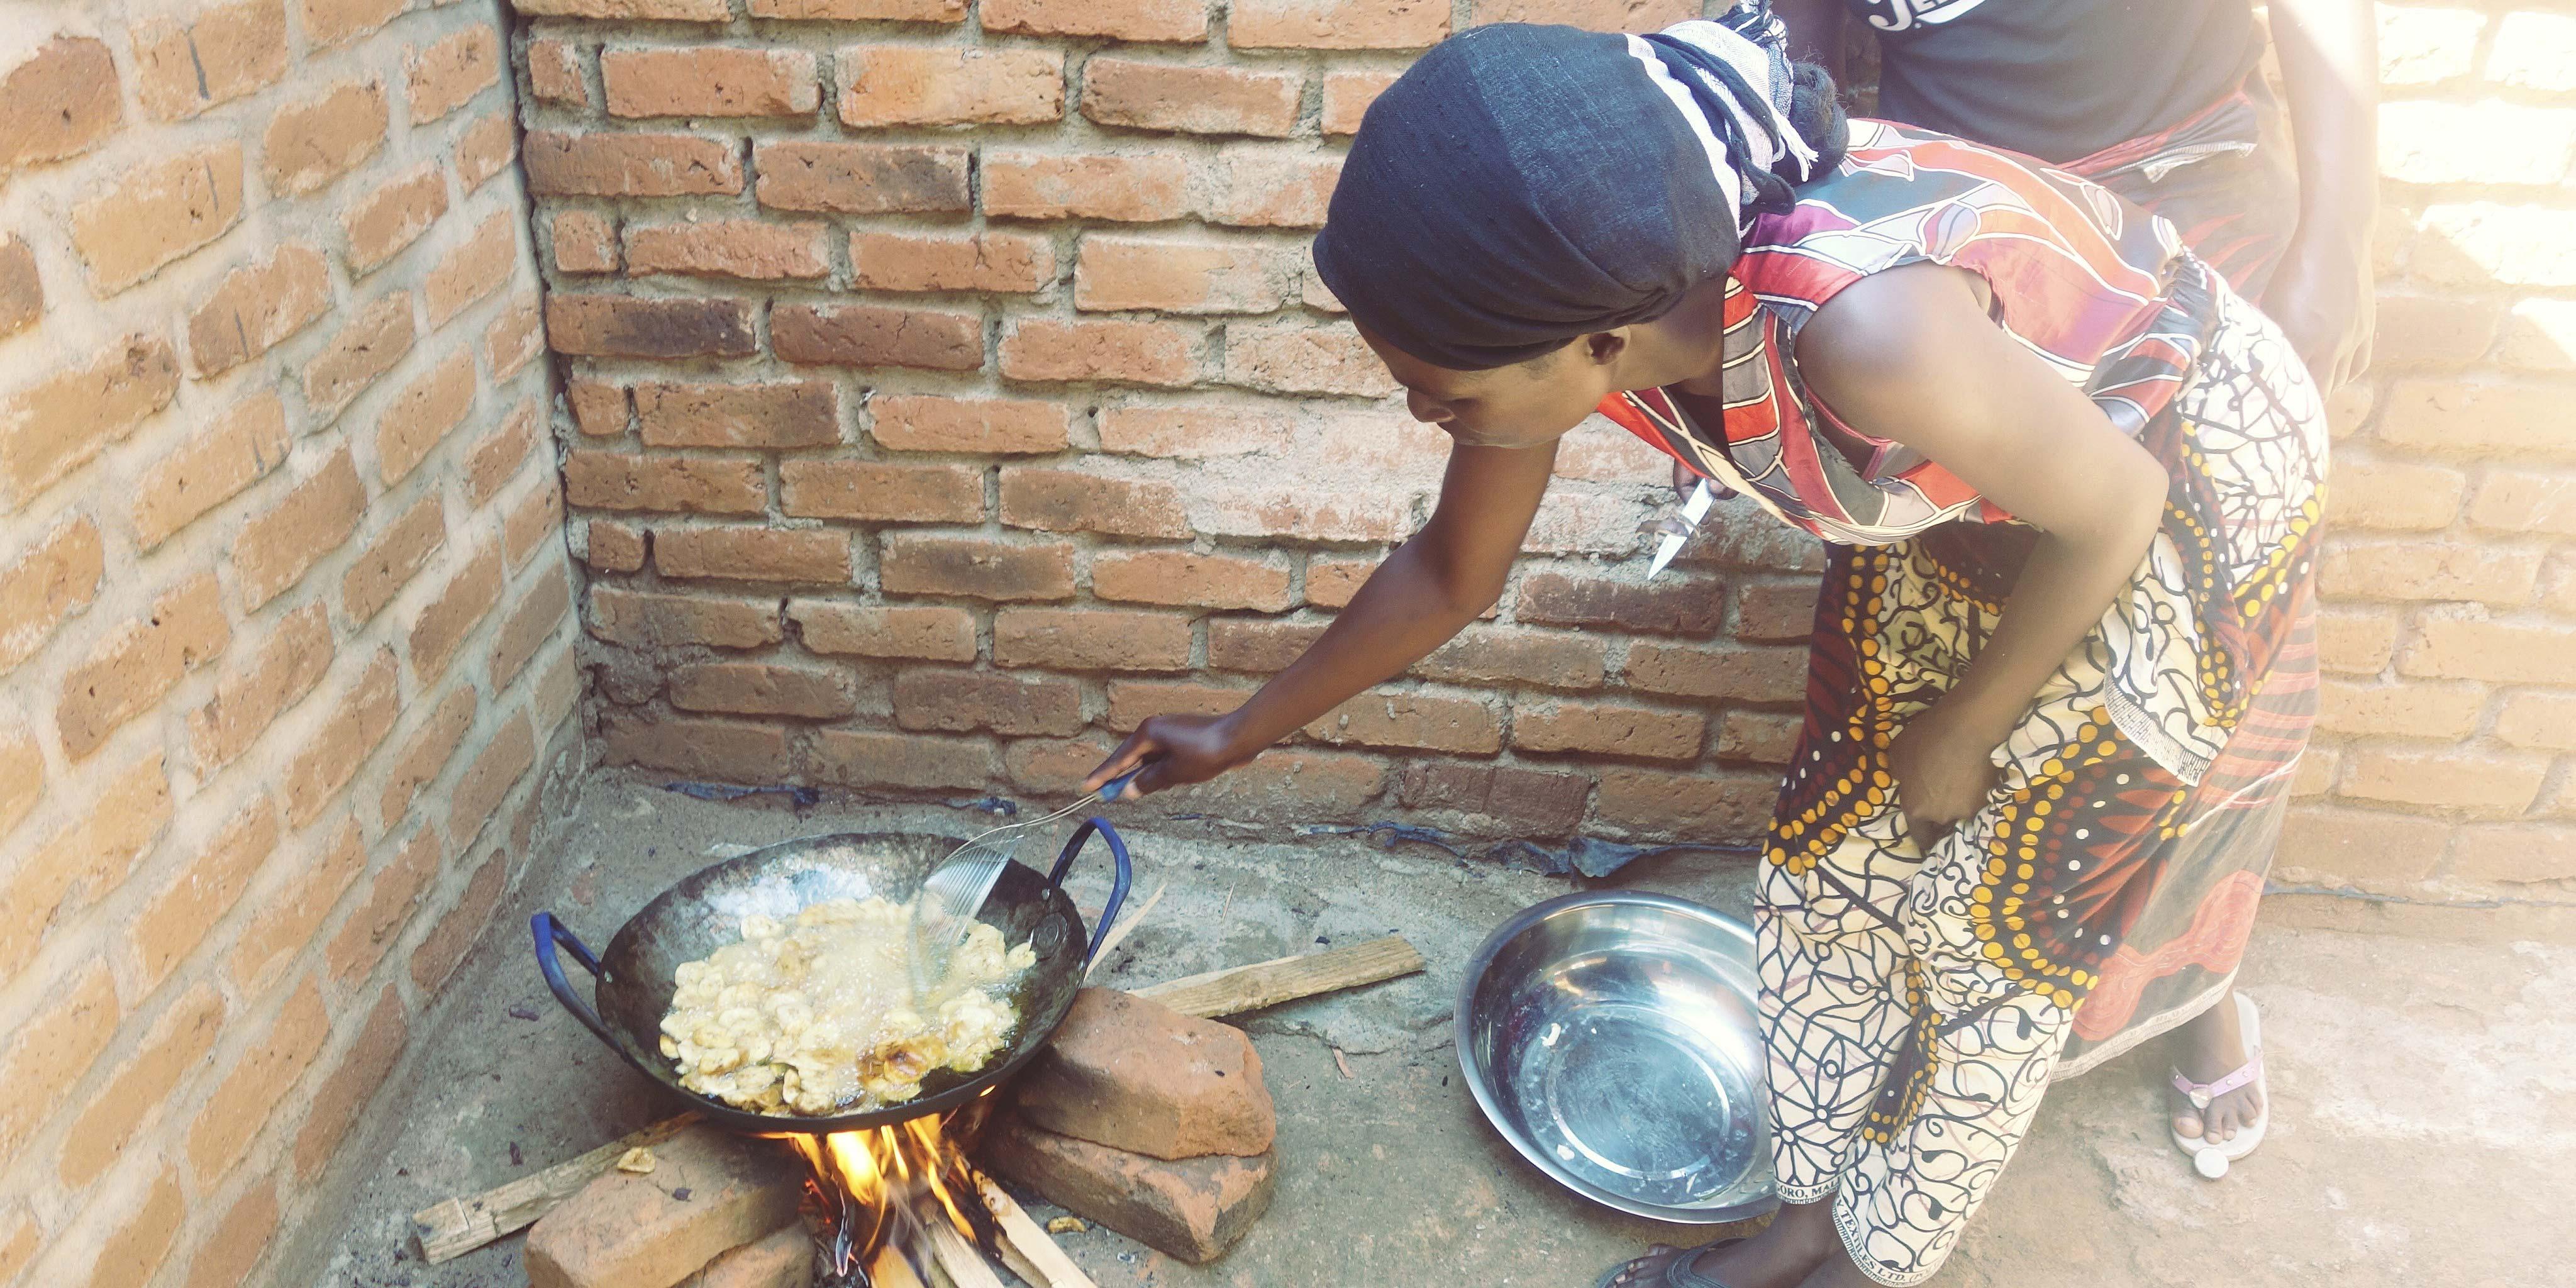 Faith preparing potato crisps